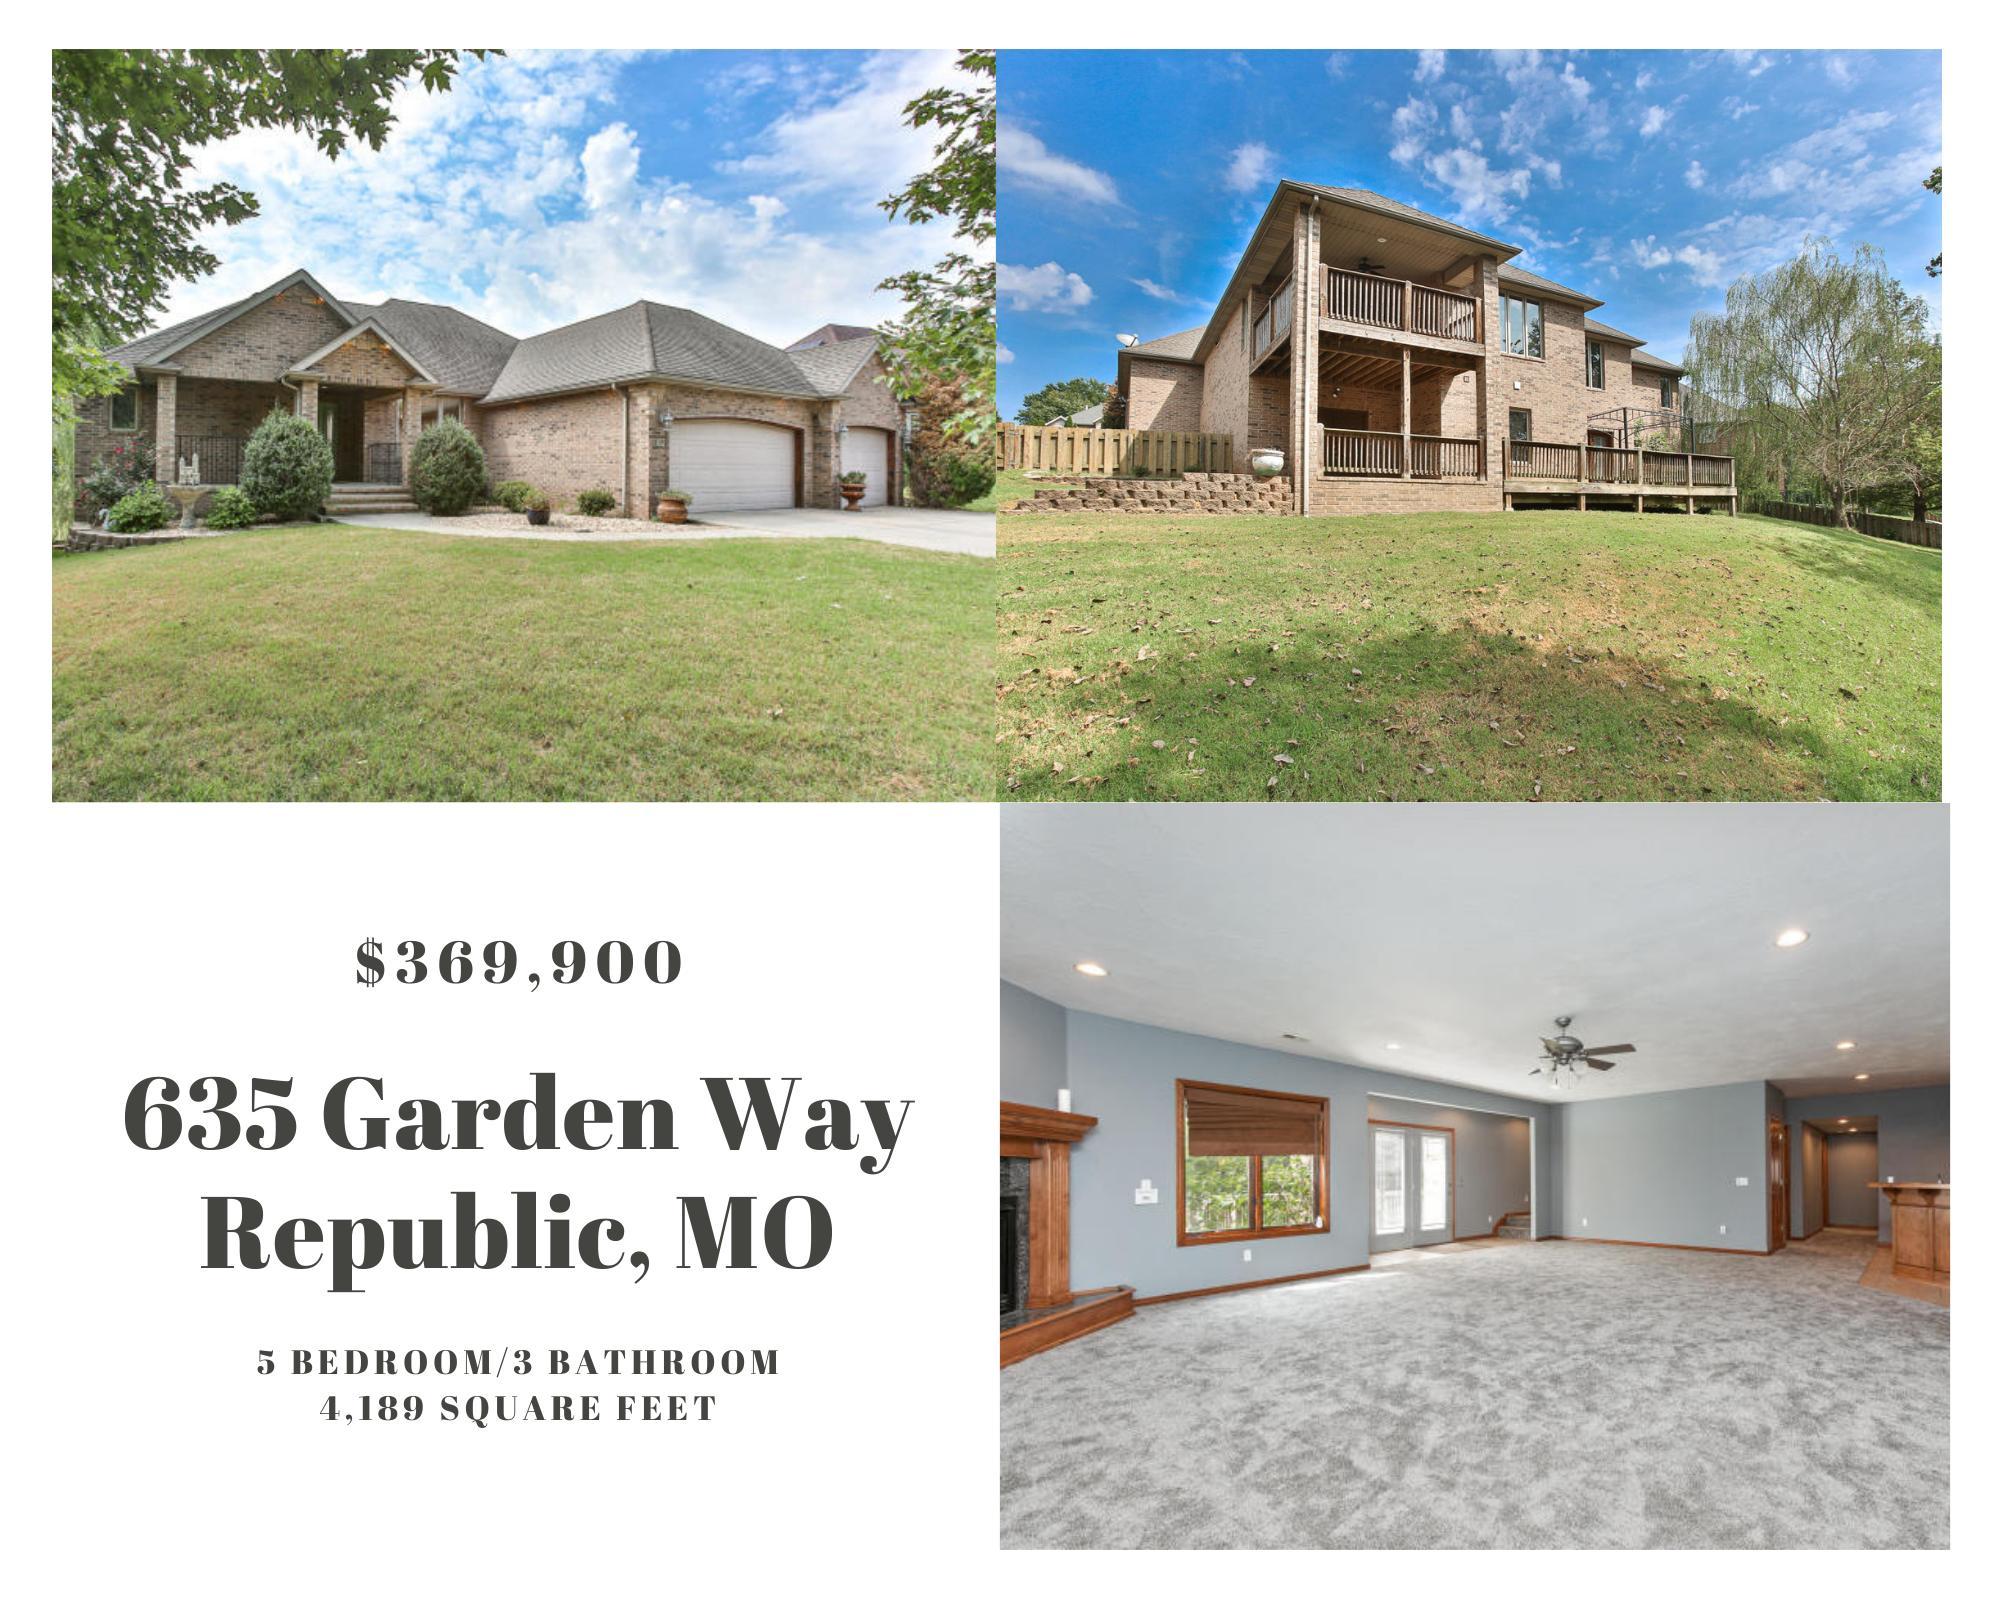 635 South Garden Way Republic, MO 65738